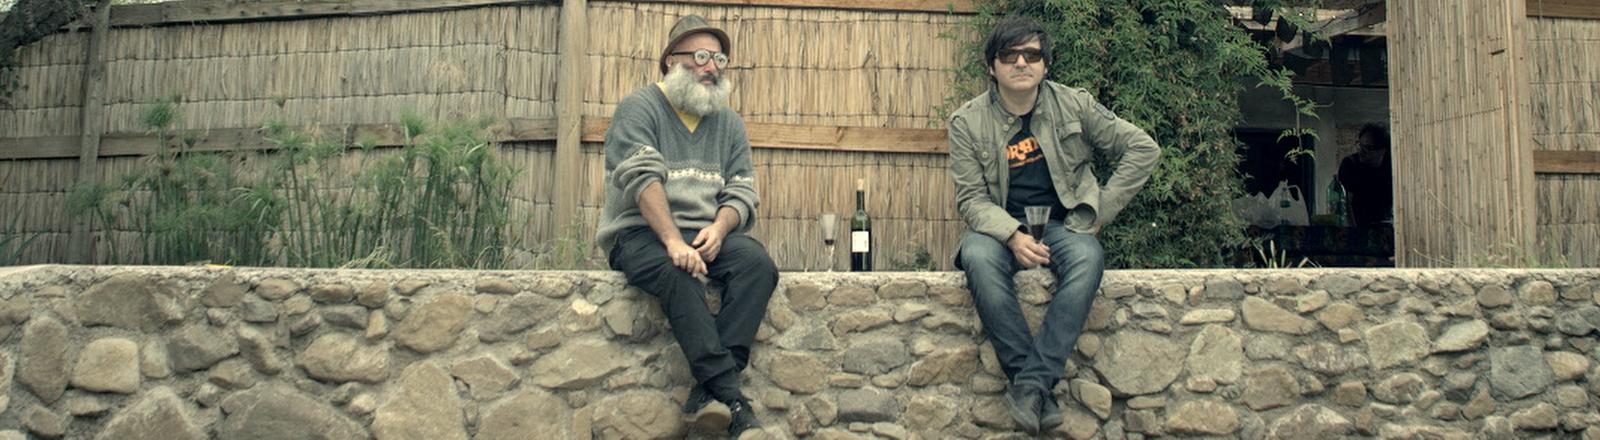 Macha und Rodrigo Gonzalez am Haus von Macha, EL VIAJE